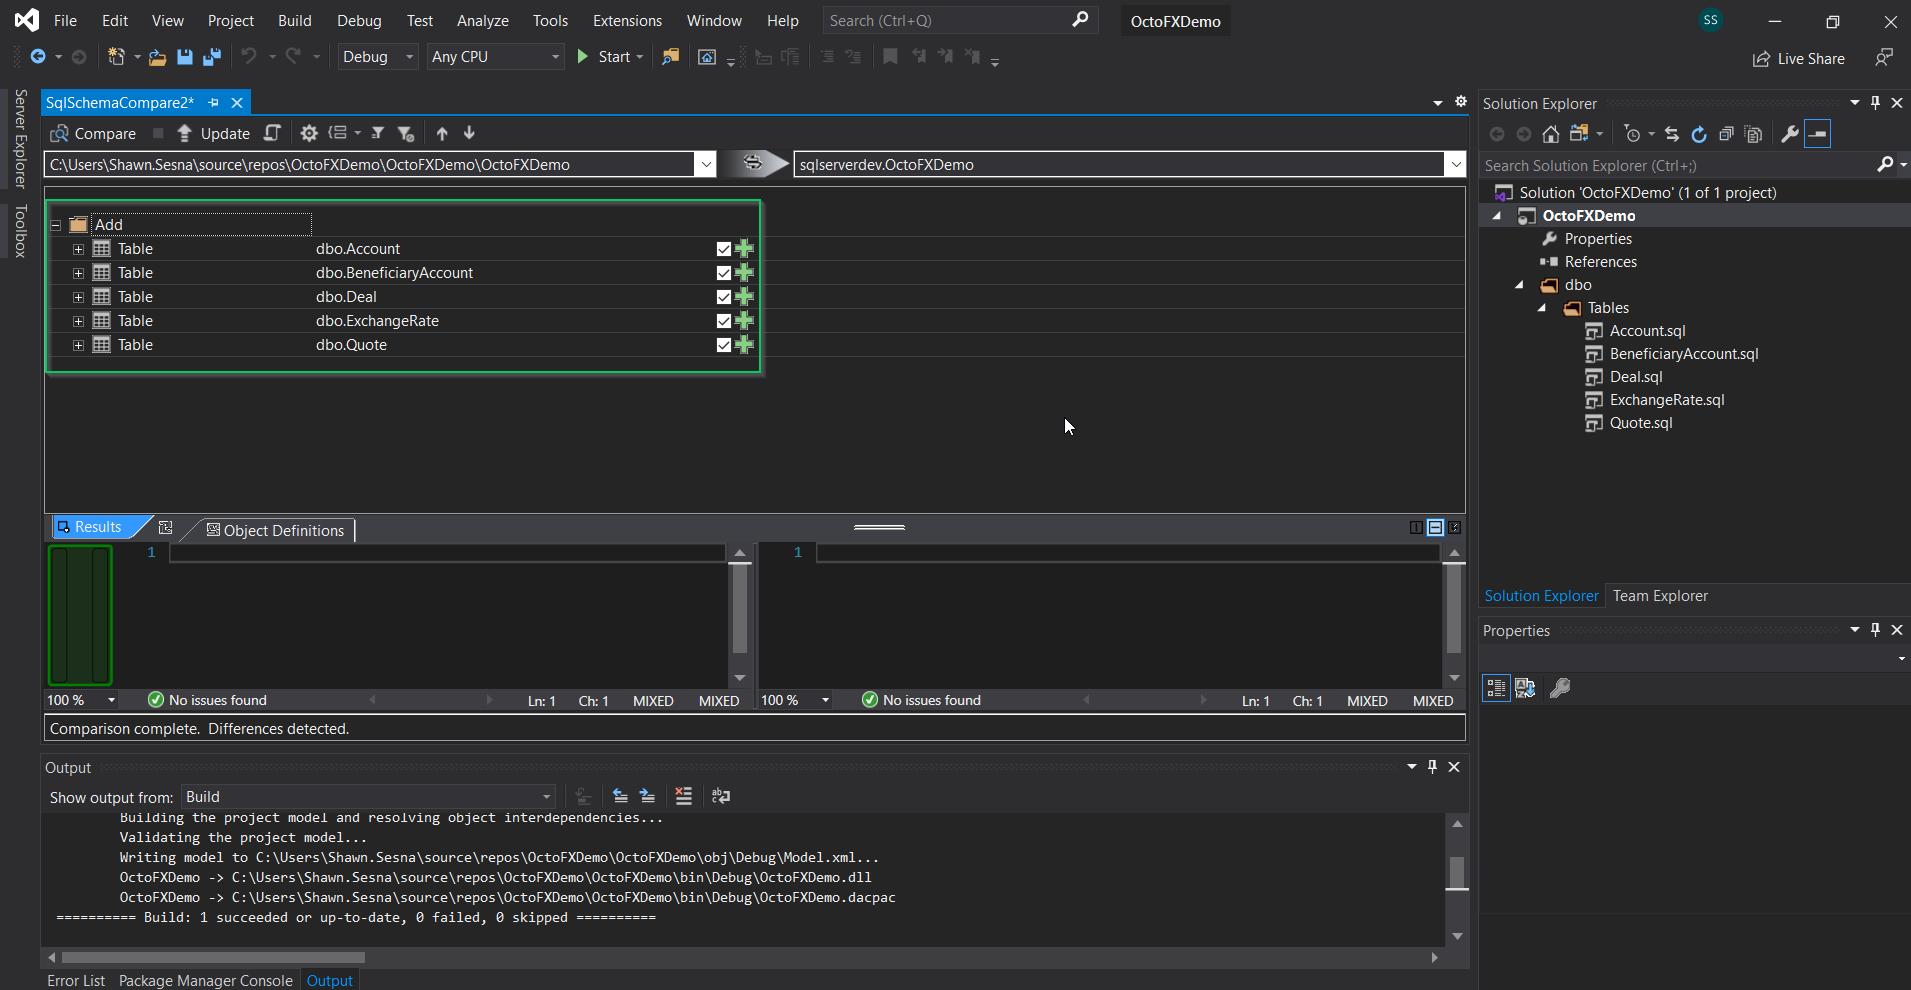 The results of the Schema Compare in Visual Studio